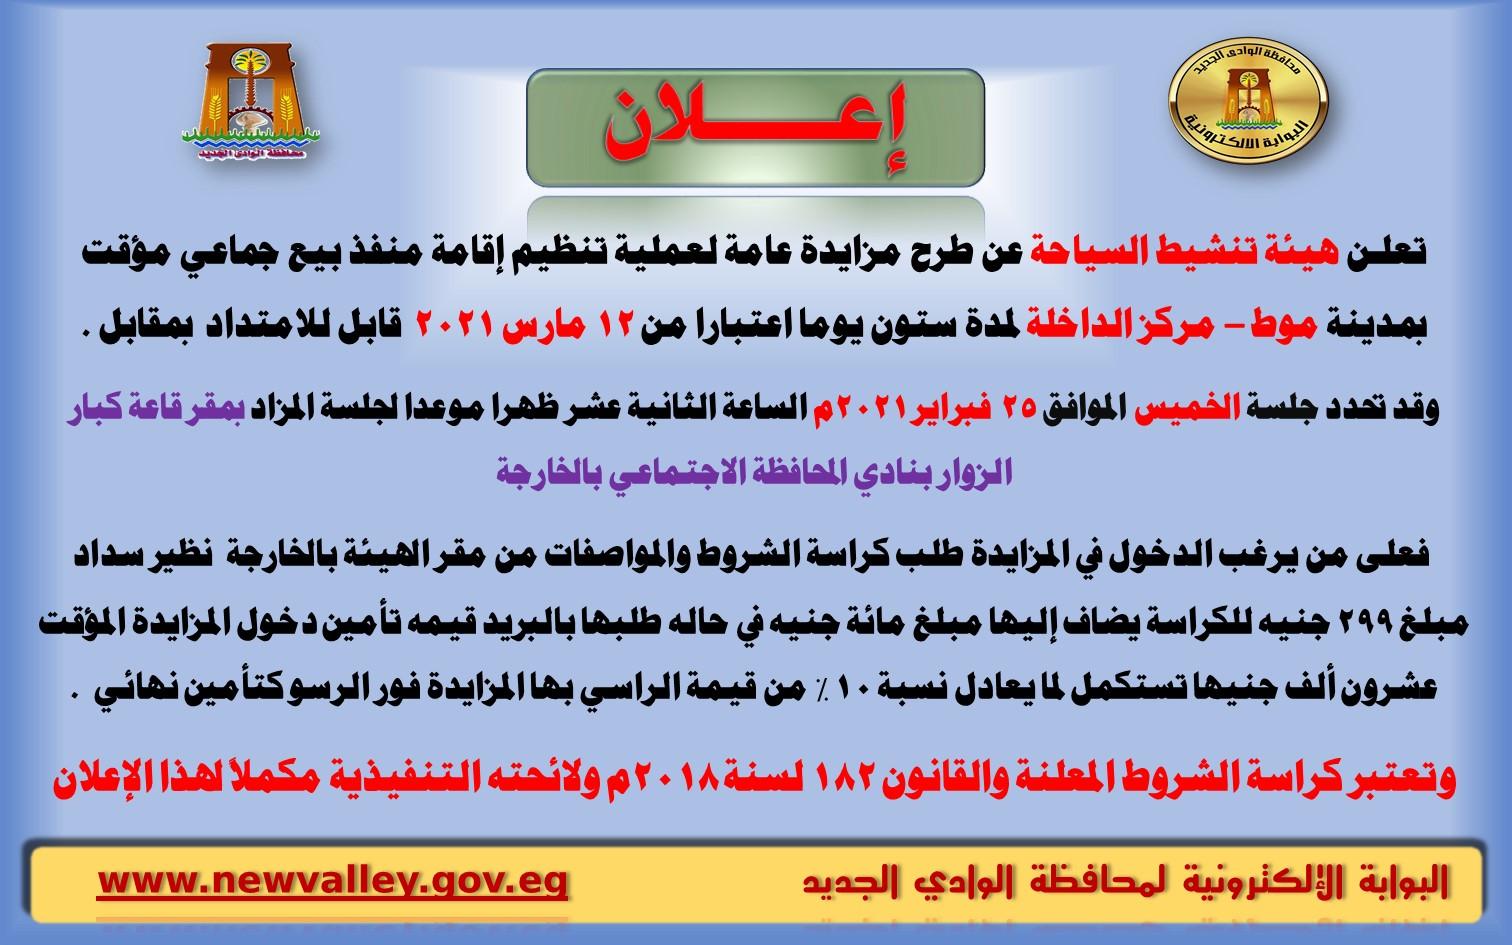 تعلن محافظة الوادي الجديد ( الديوان العام ) عن تأجير المحل التجاري رقم (1) والمحل التجاري رقم (2) بحي البستان